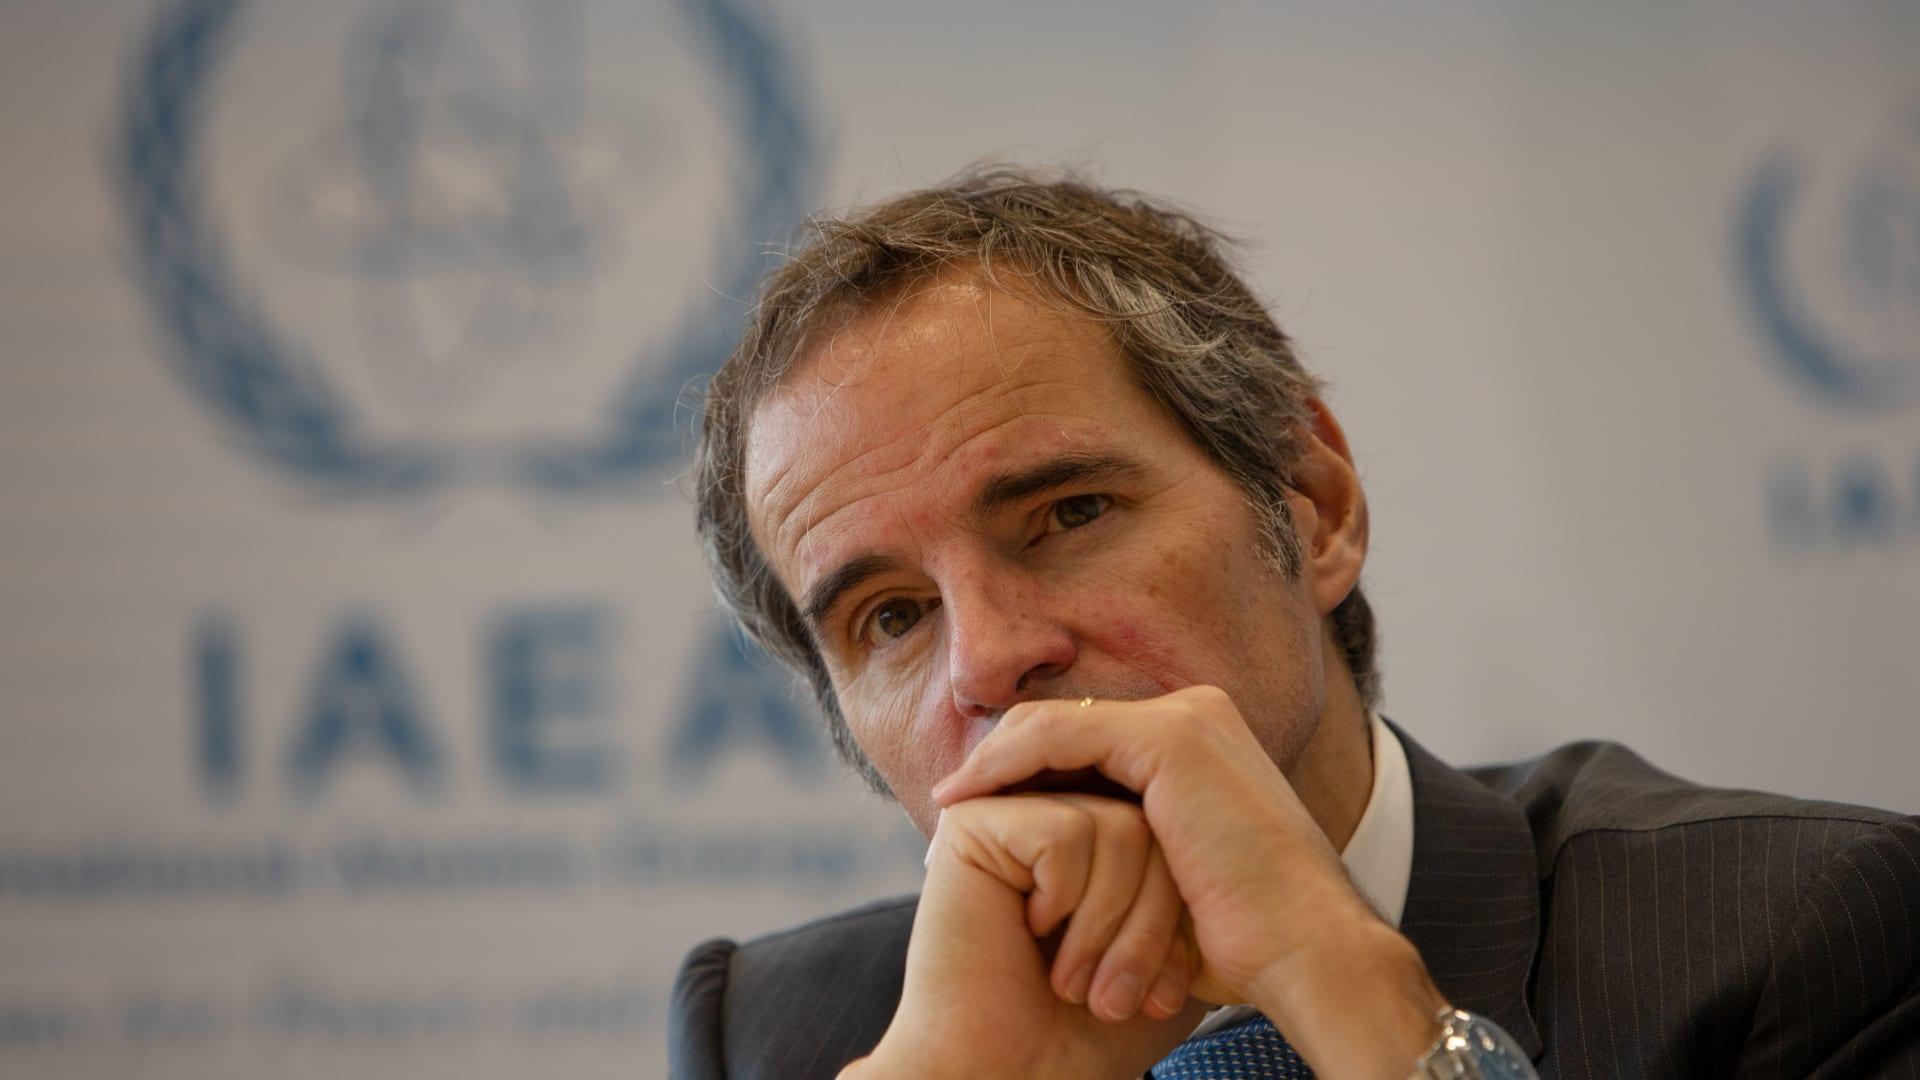 المدير العام لوكالة الطاقة الذرية، رافائيل غروسي